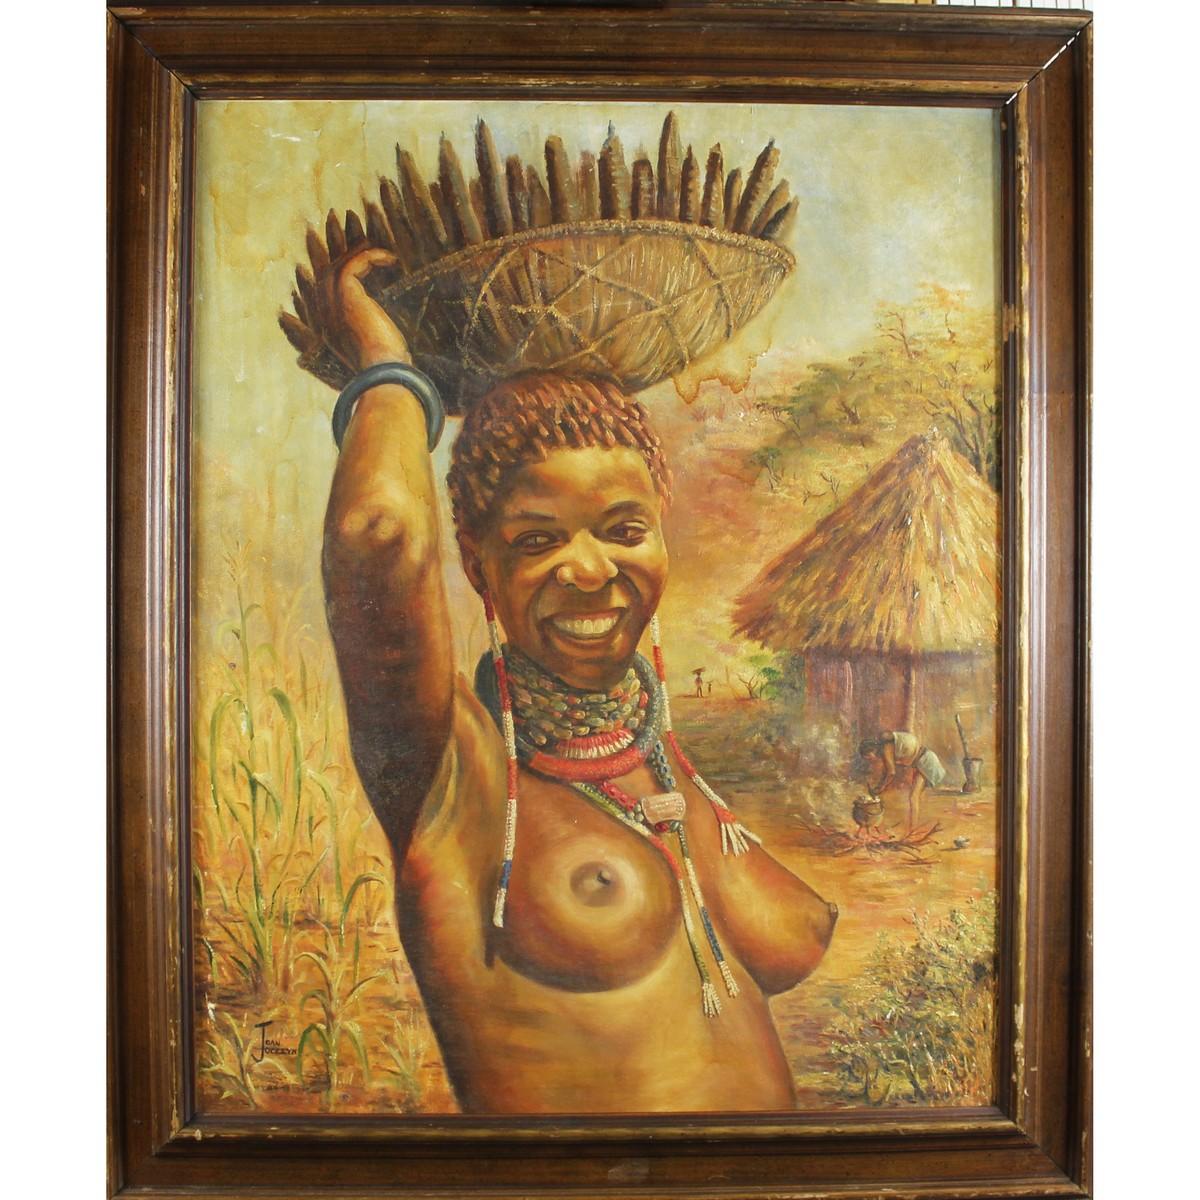 Lot 33 - Jocelyn, Joan Twentieth Century South African, Woman Carrying a Basket of Sea Pods